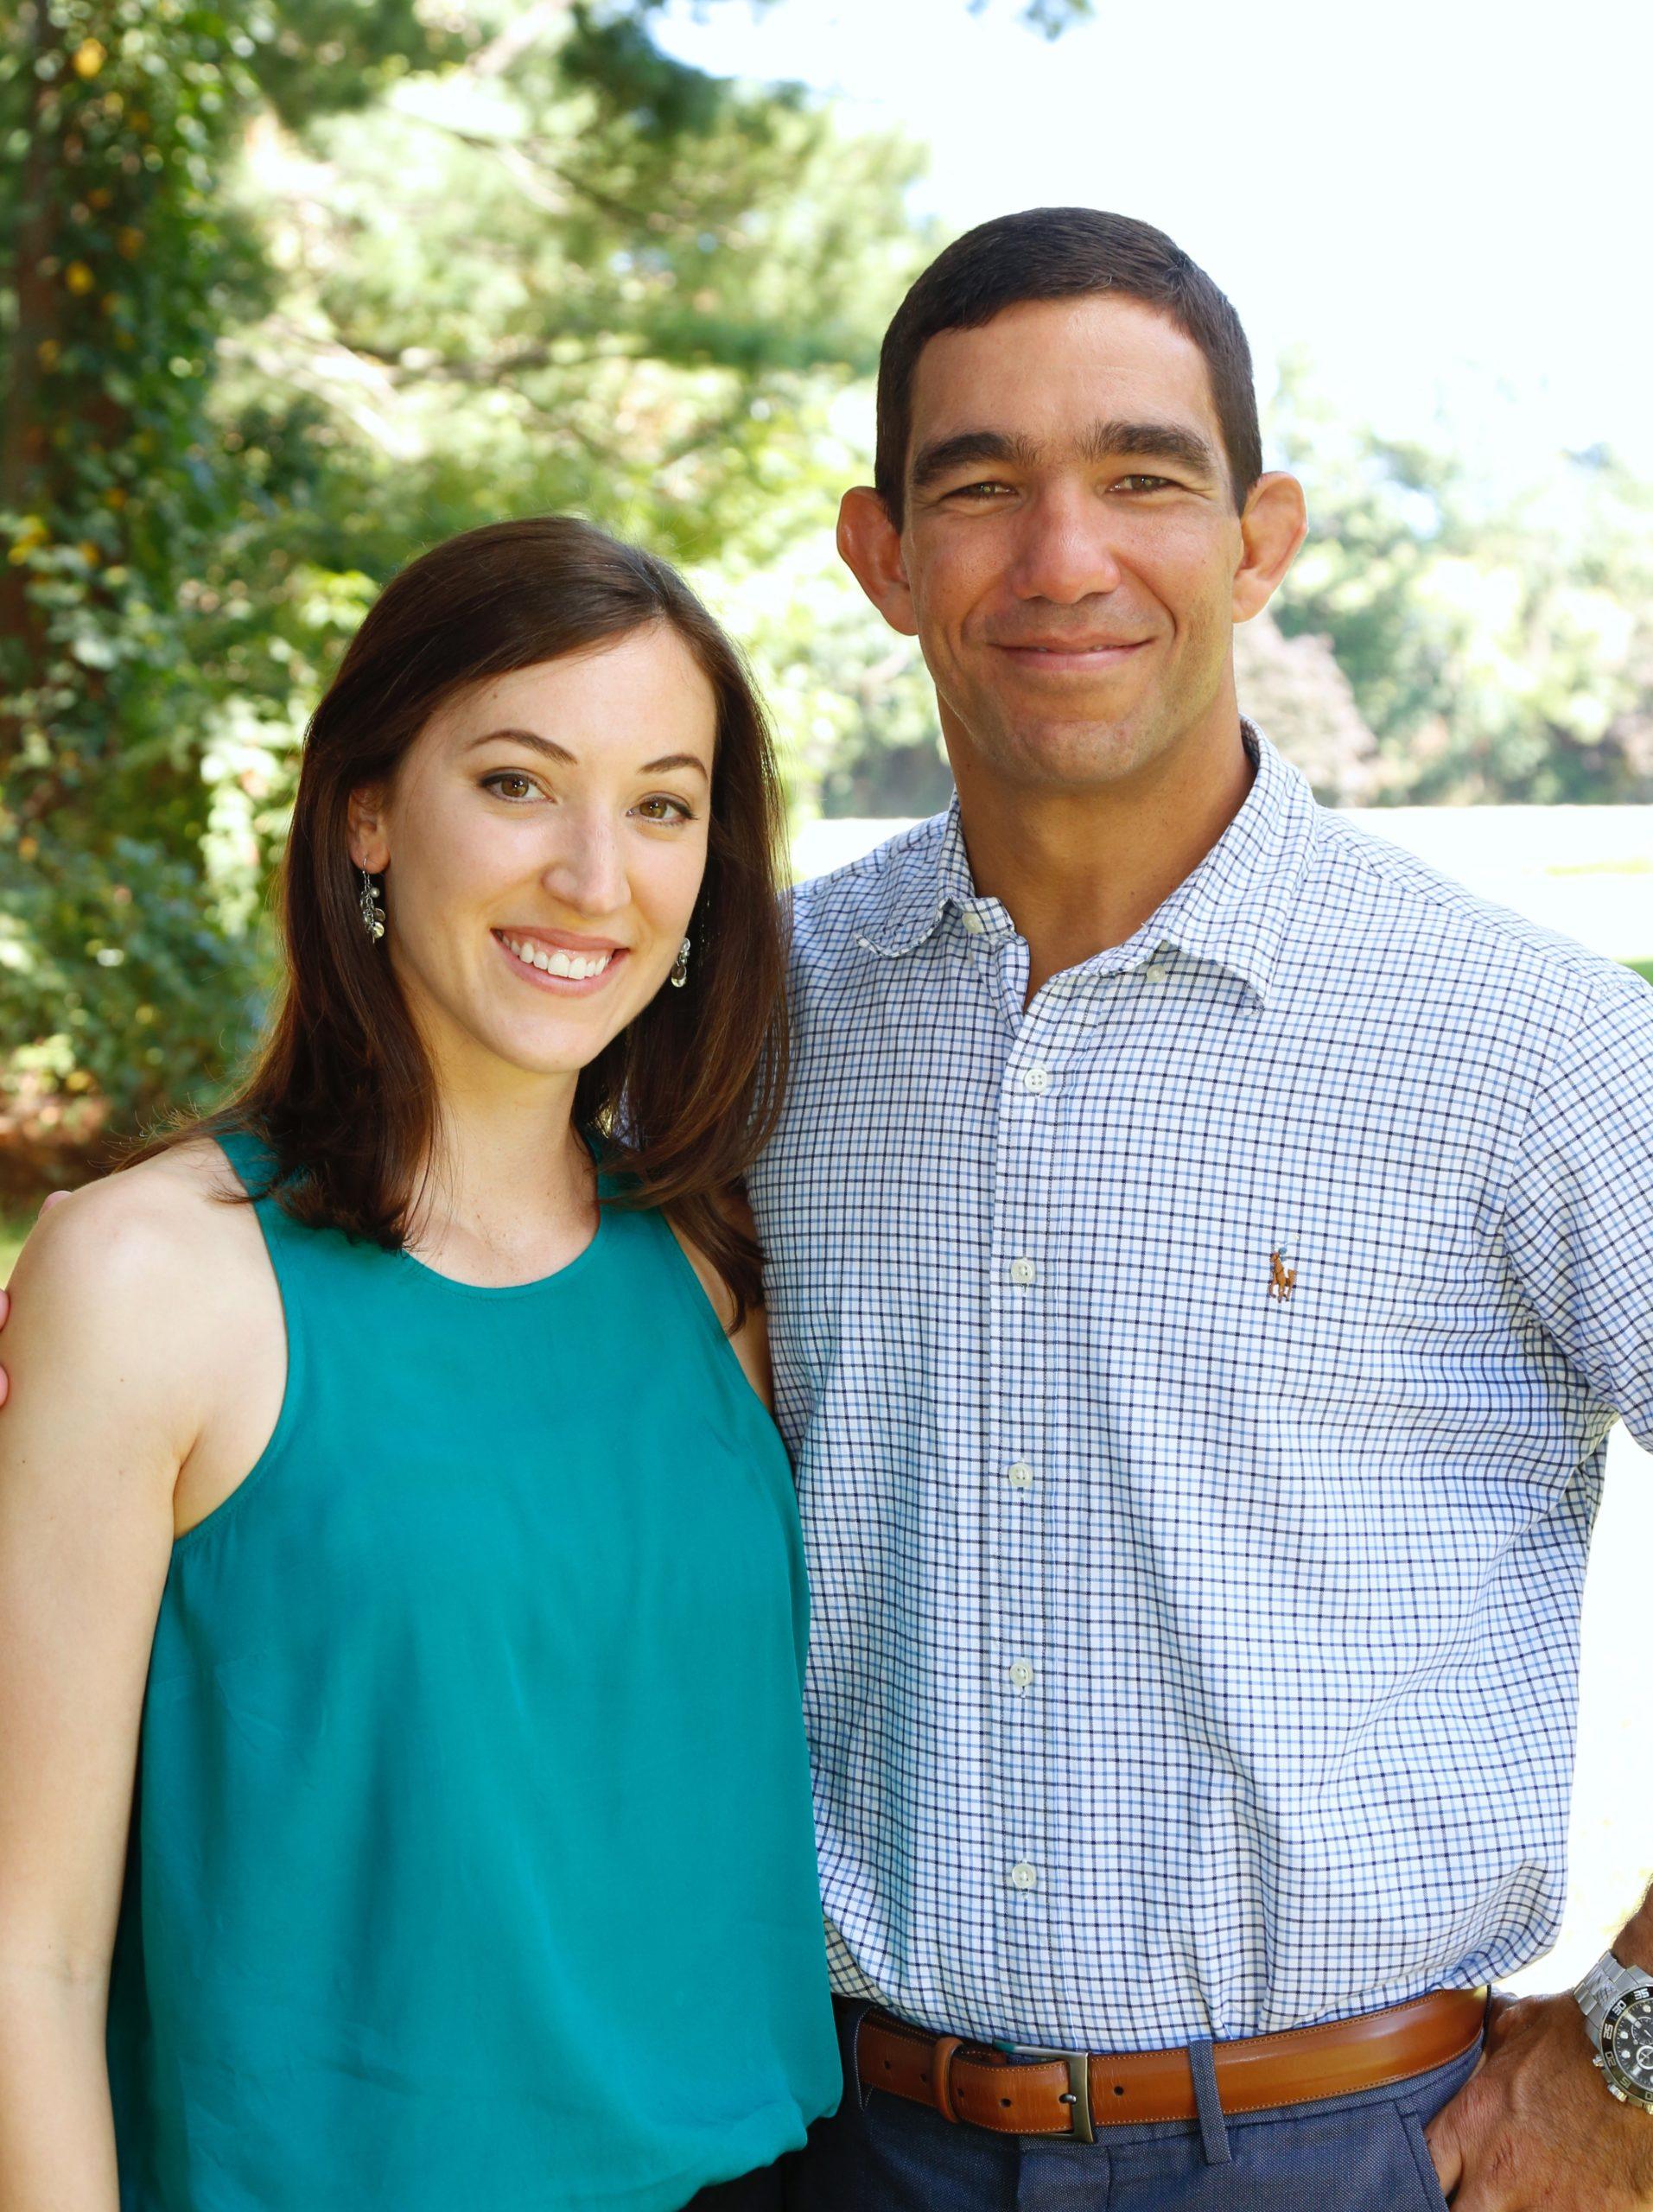 Amy and Tony